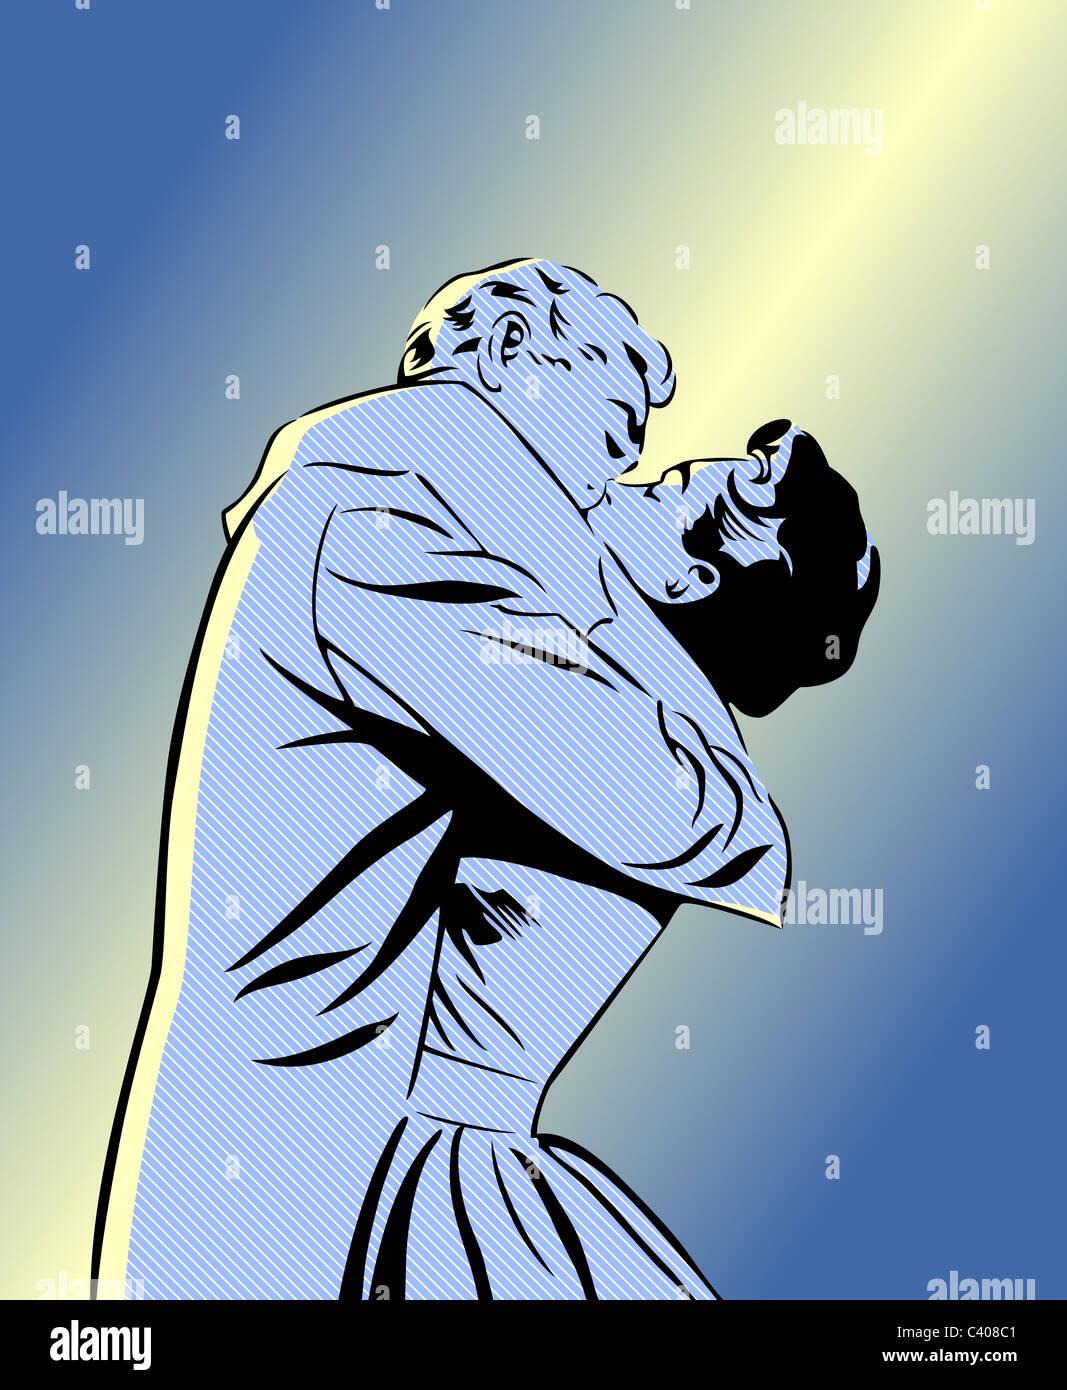 Un rétro in stile fumetto illustrazione di un paio di baciare Immagini Stock